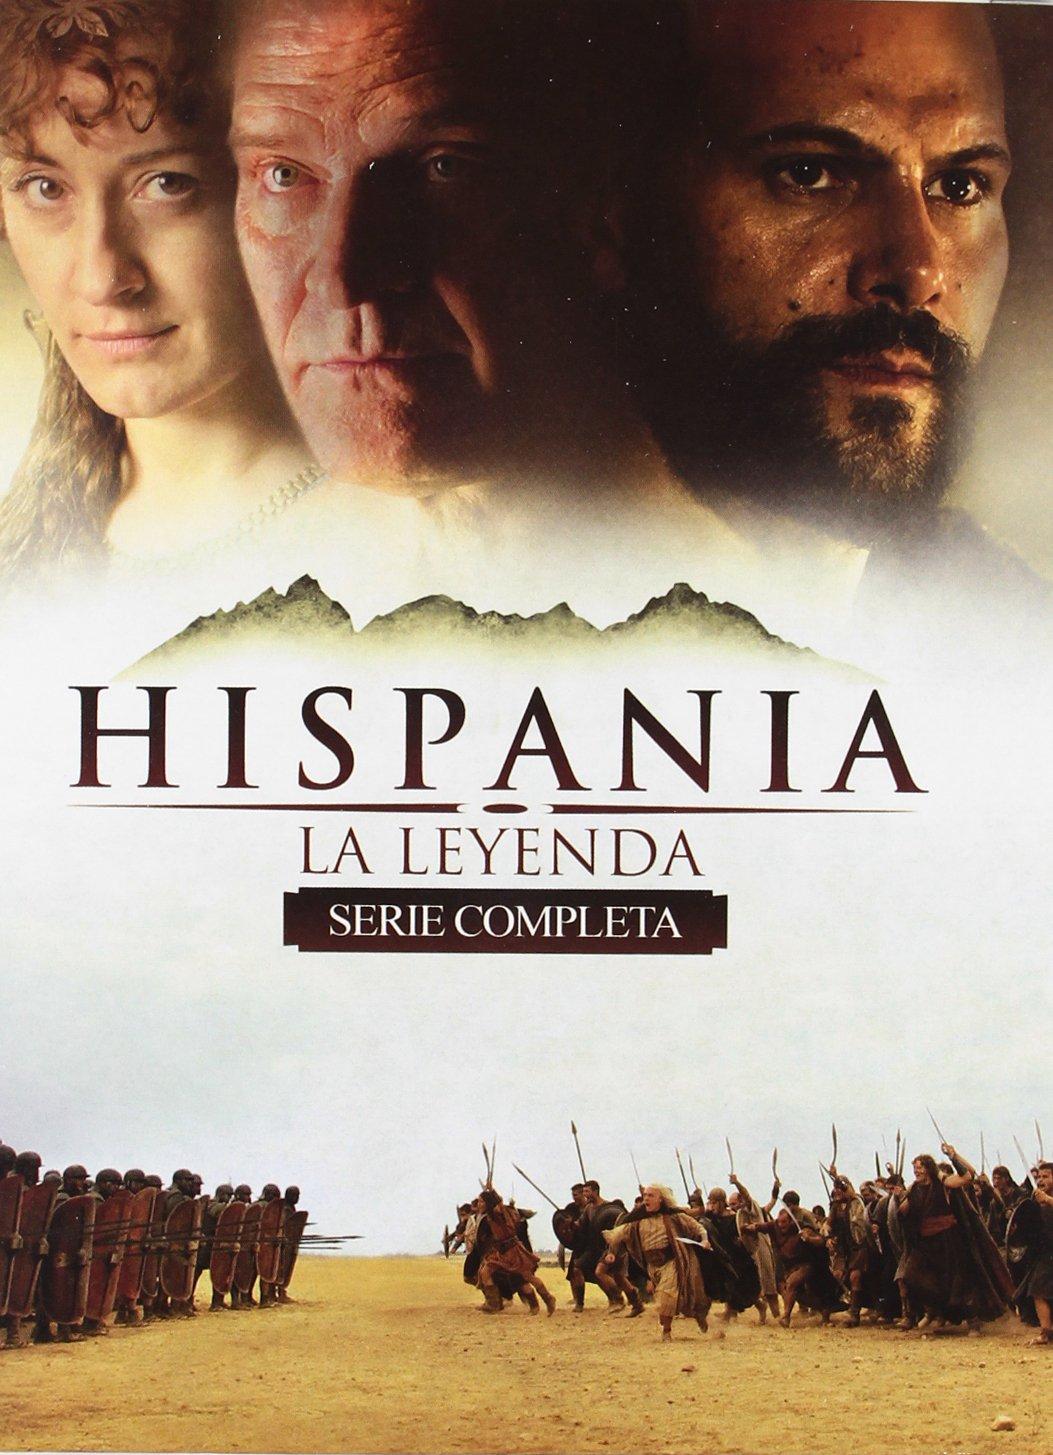 Hispania, la leyenda 713z6pana8L._SL1455_